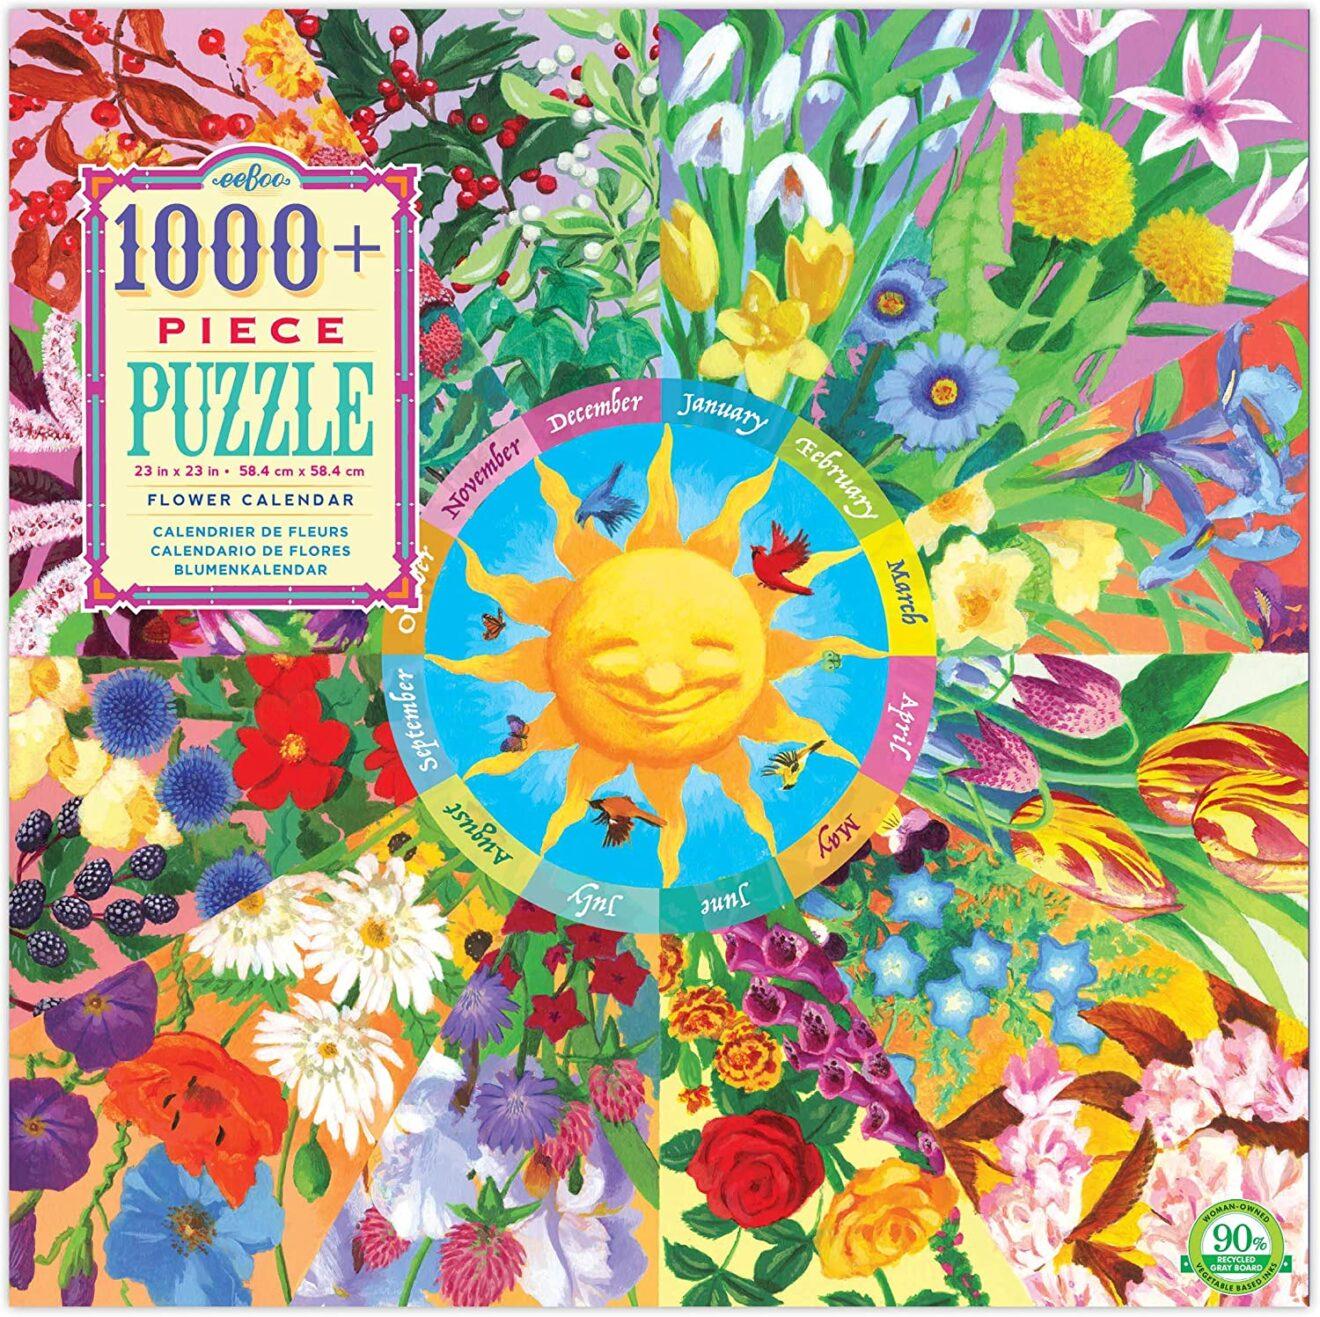 Flower Calendar 1008 Piece Jigsaw Puzzle